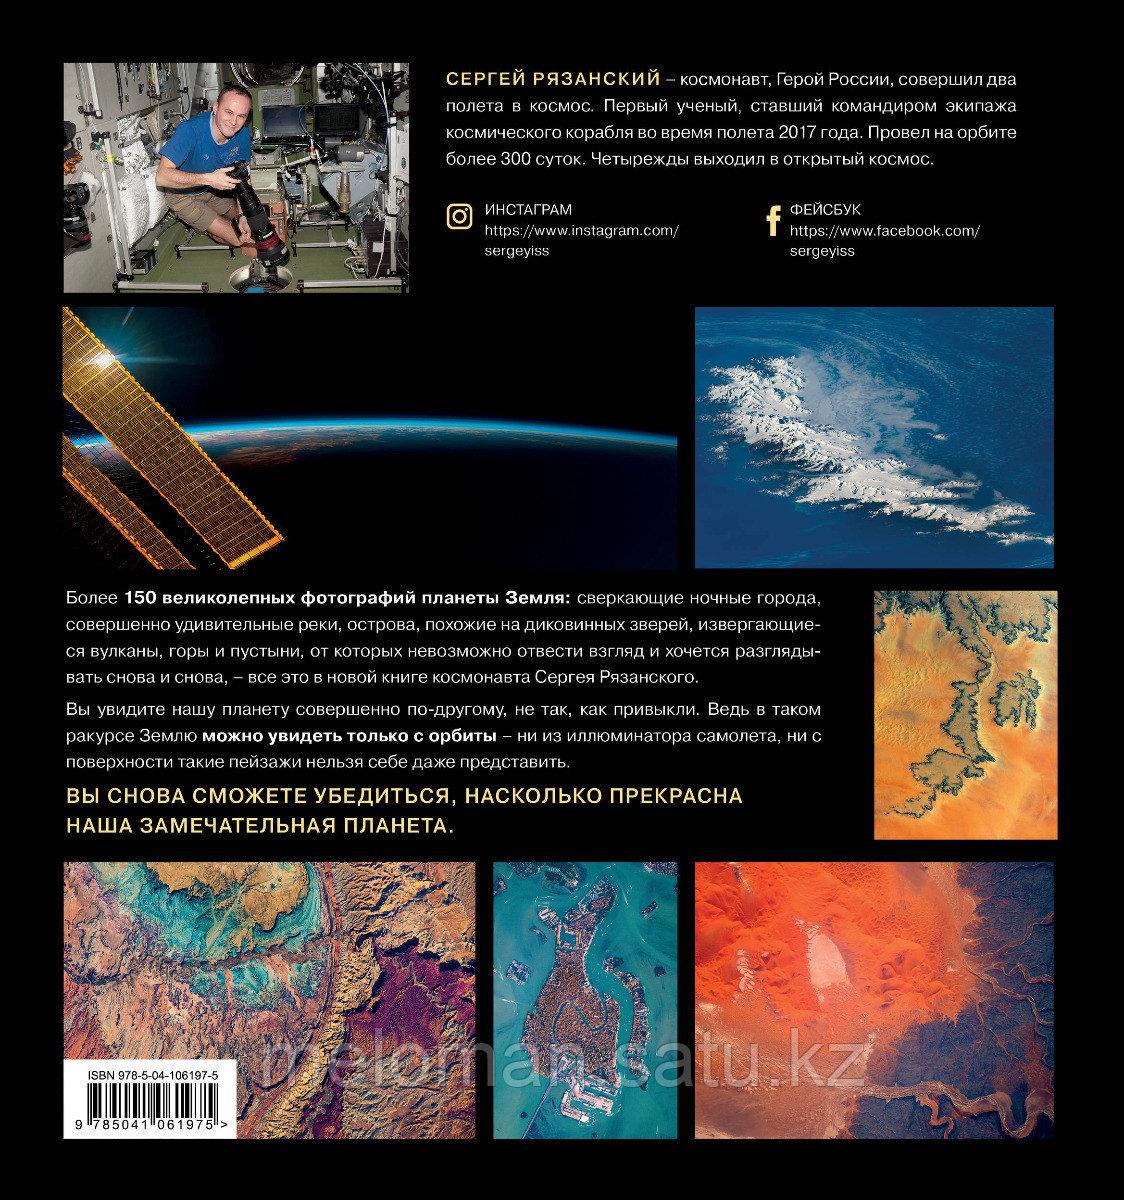 Рязанский С. Н.: Удивительная Земля. Планета тысячи цветов - фото 3